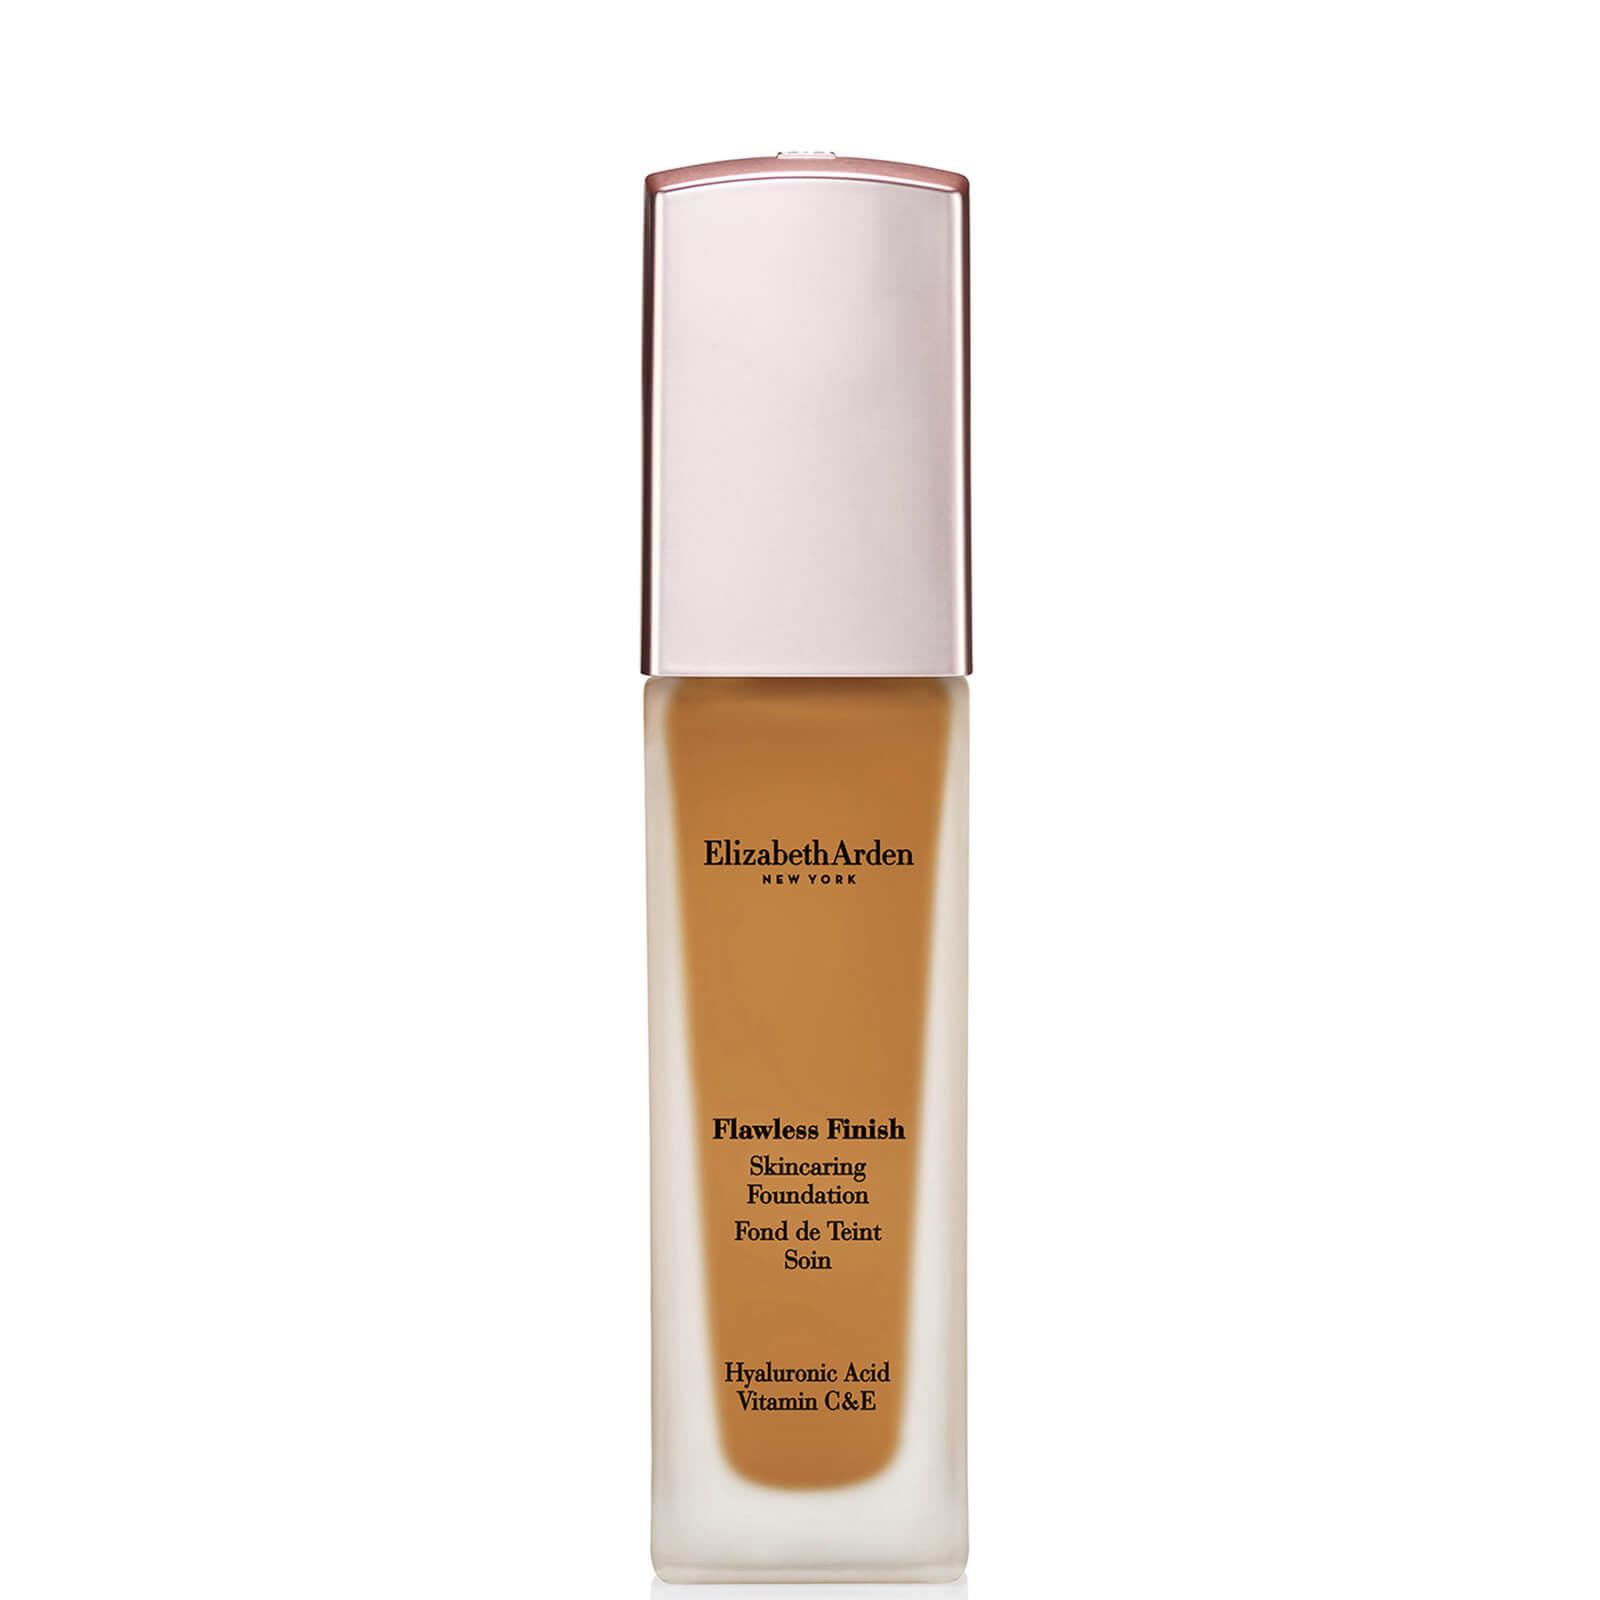 Купить Elizabeth Arden Flawless Finish Skincaring Foundation 30ml (Various Shades) - 520W